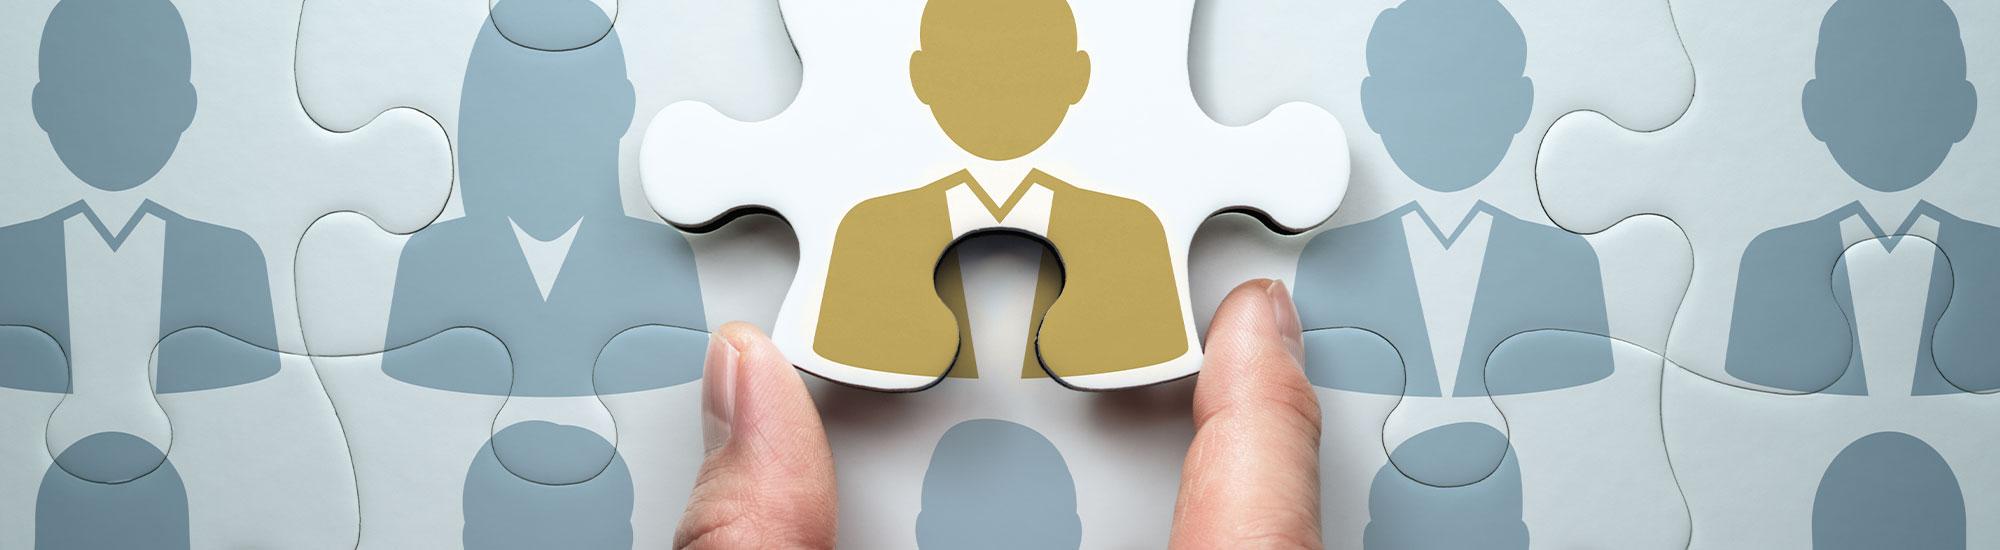 Konzeptdarstellung symbolisiert einen potenziellen Bewerber als passendes Mitglied im Team der Otto Knauf GmbH